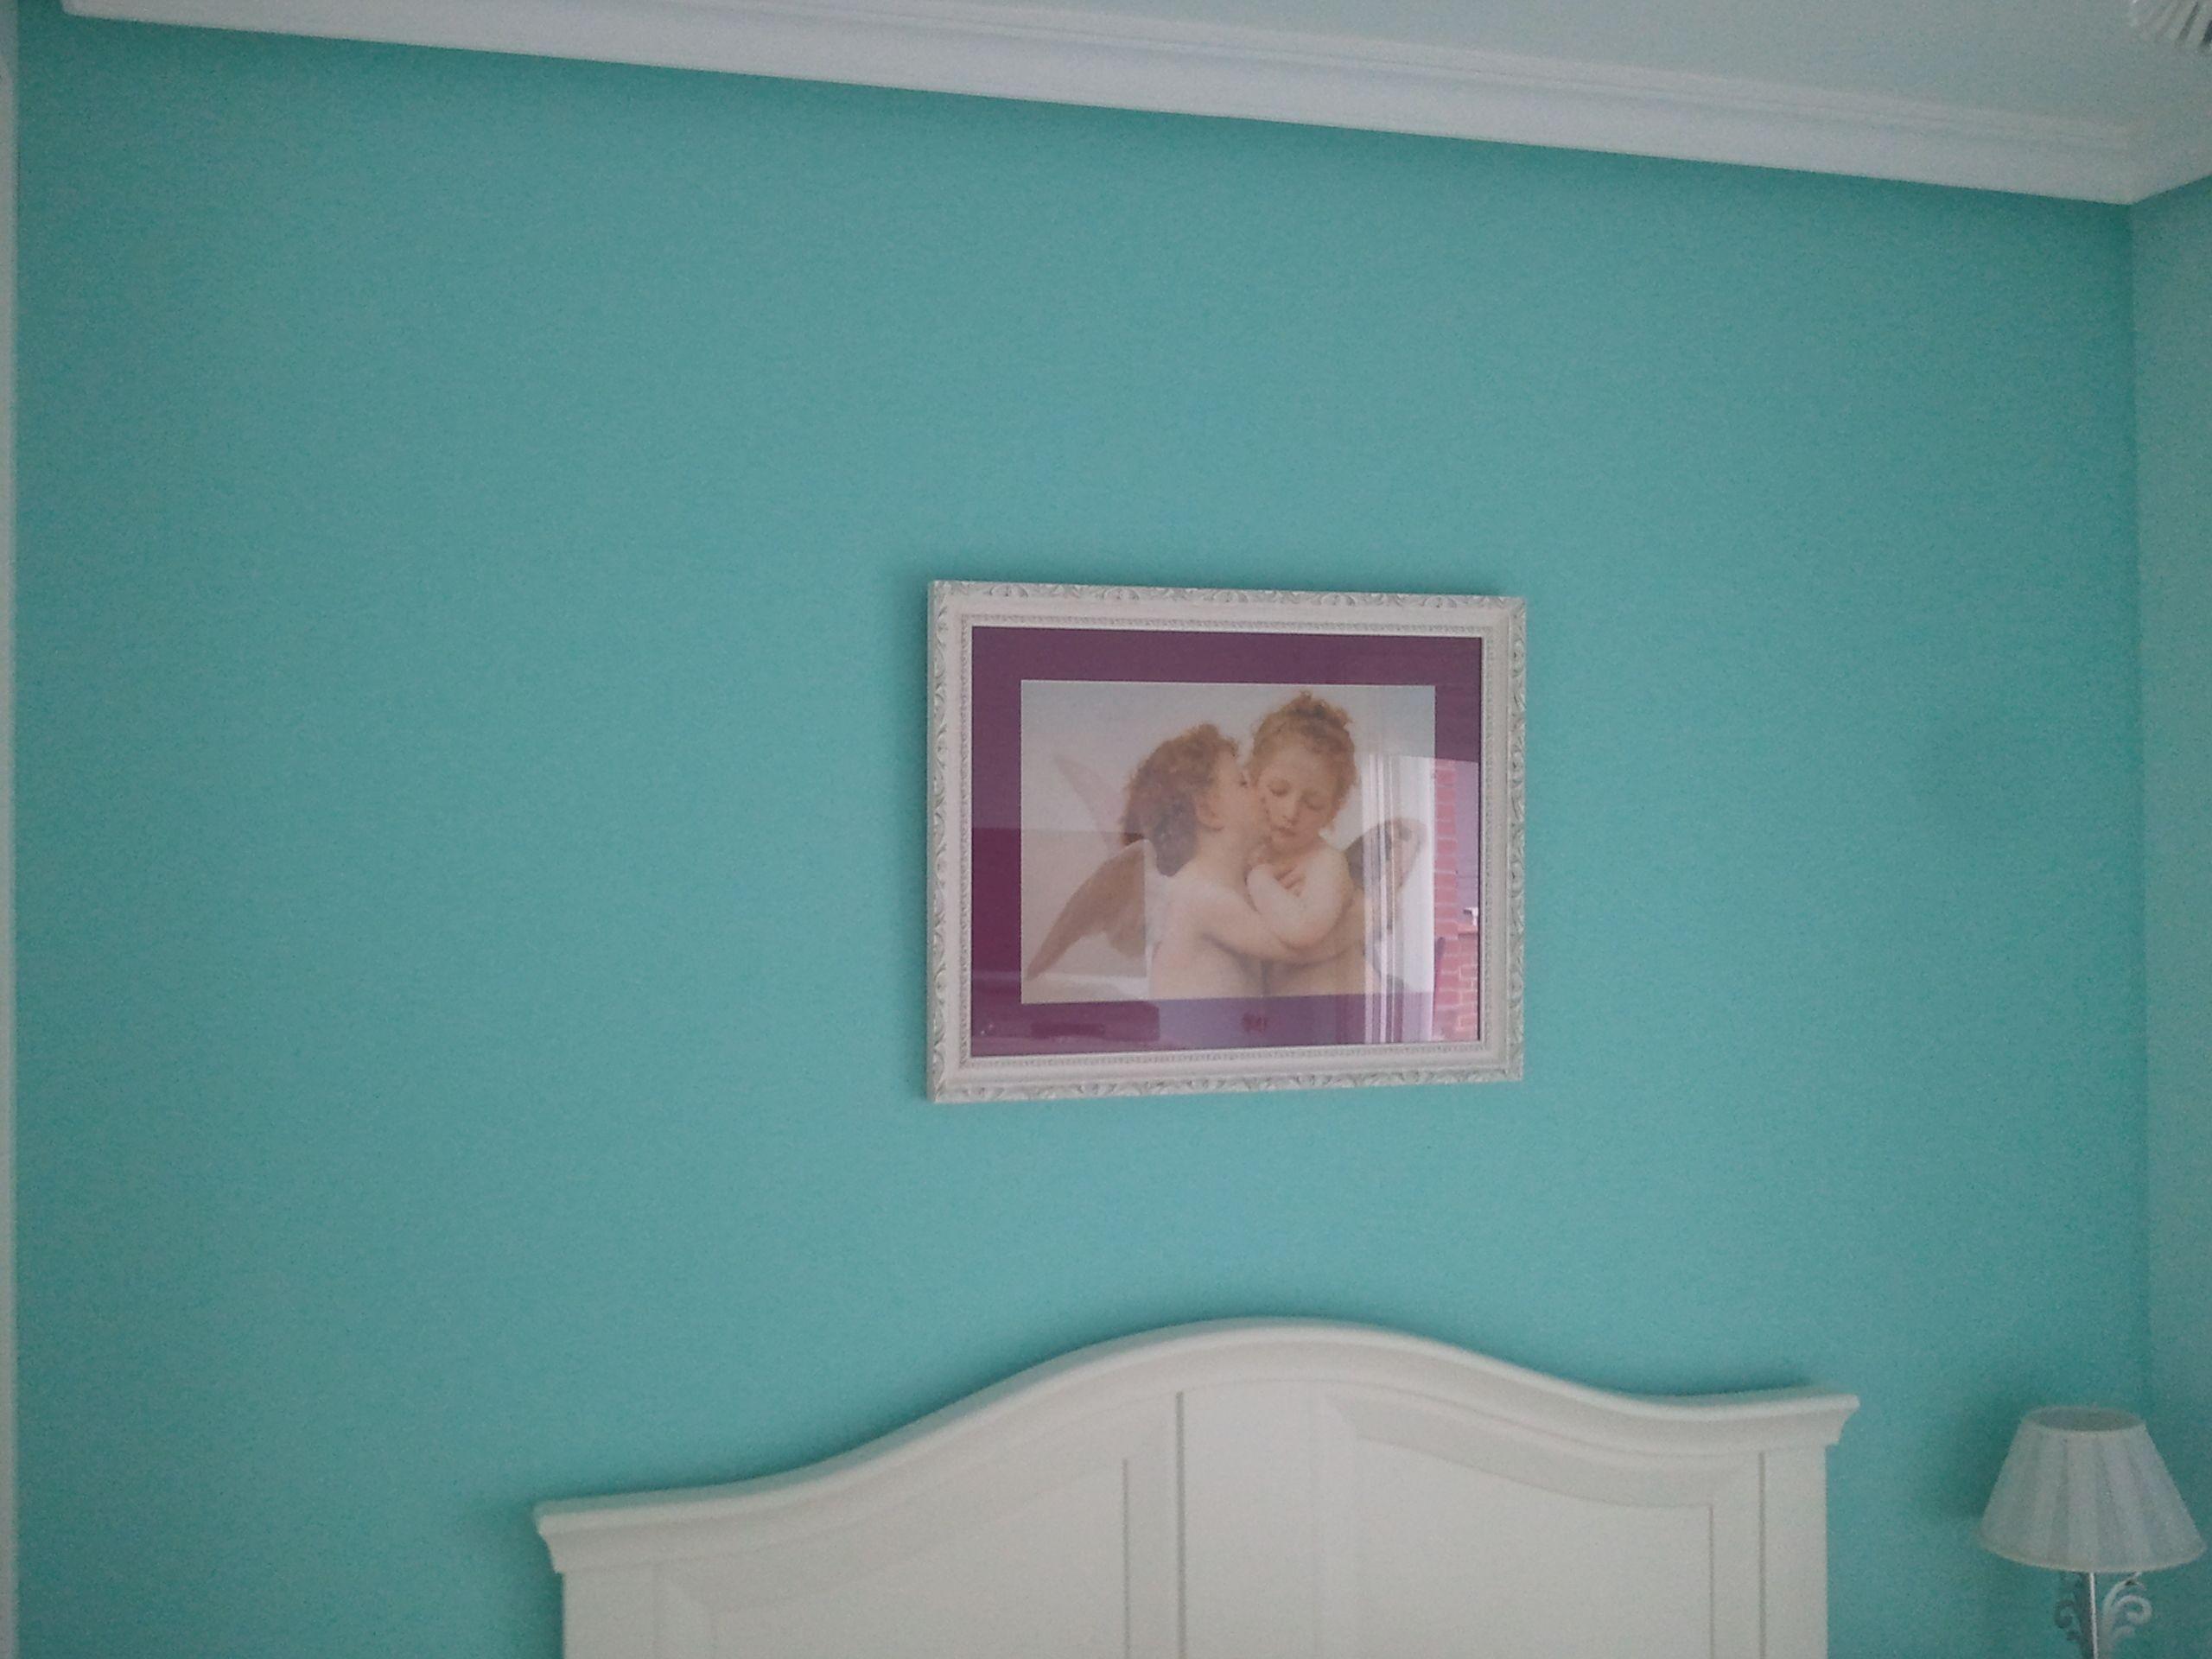 dormitorios con pared pintada de turquesa - Buscar con Google